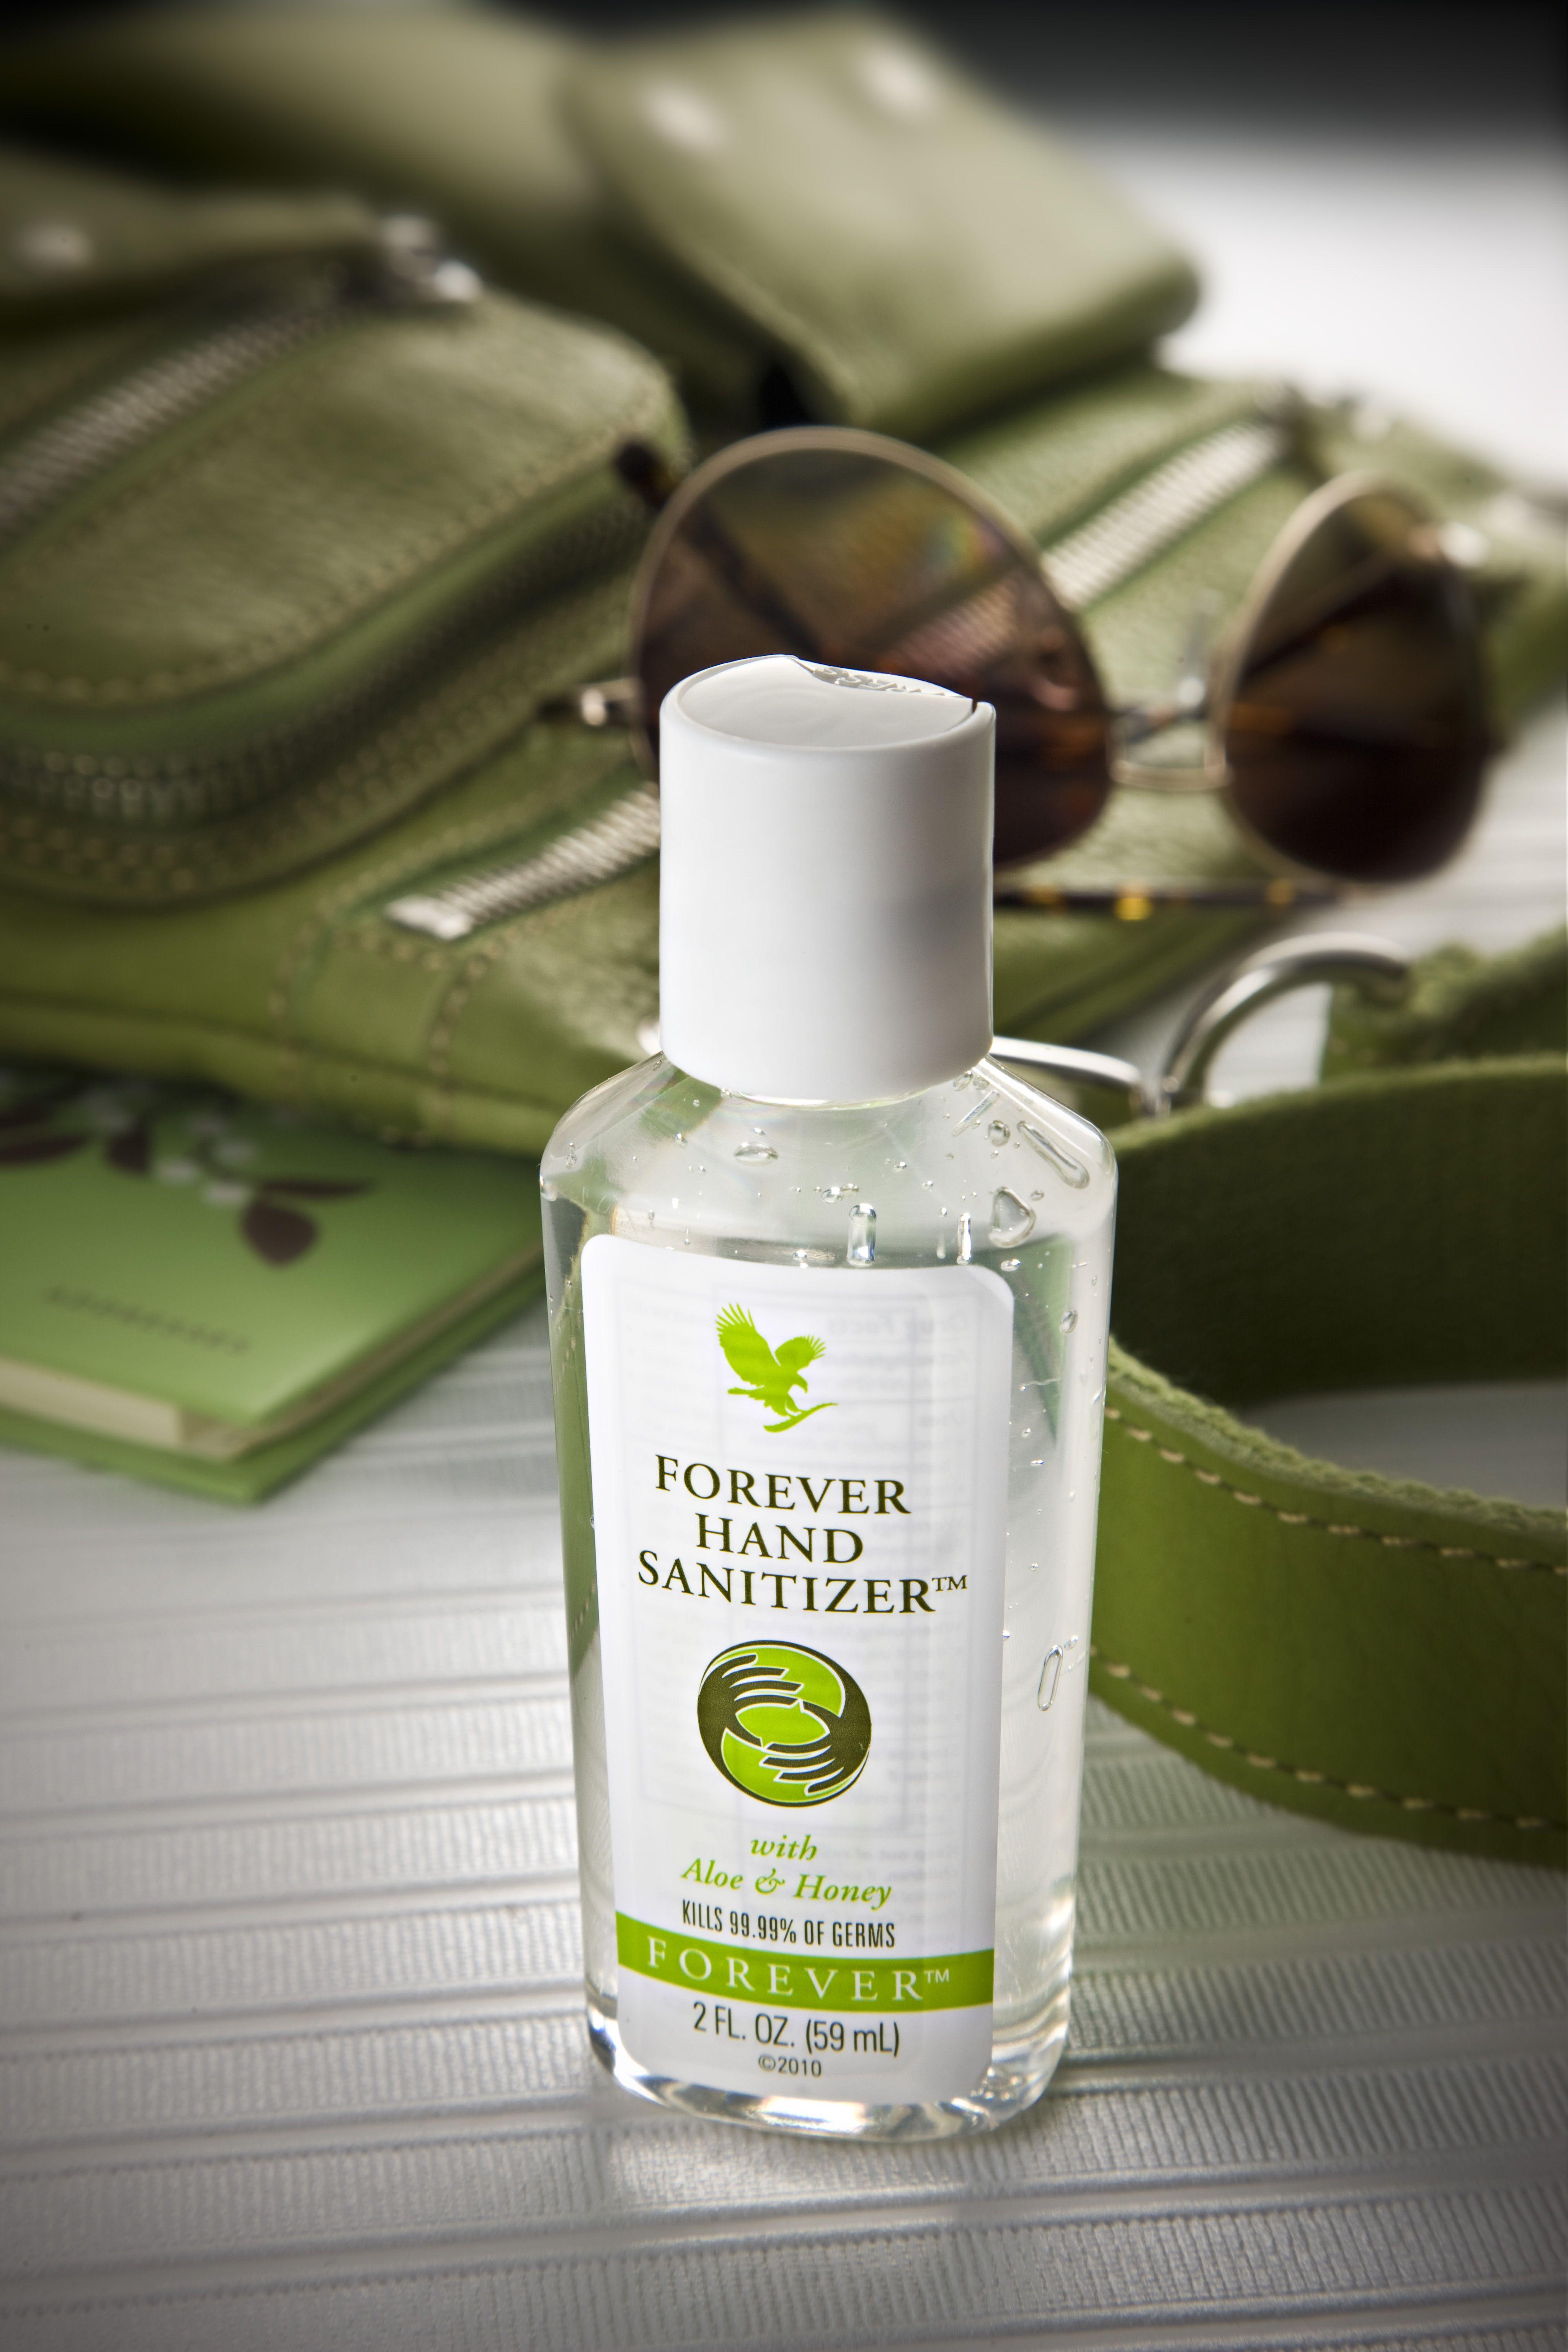 Forever Hand Sanitizer Forever Produkte Aloe Vera Produkte